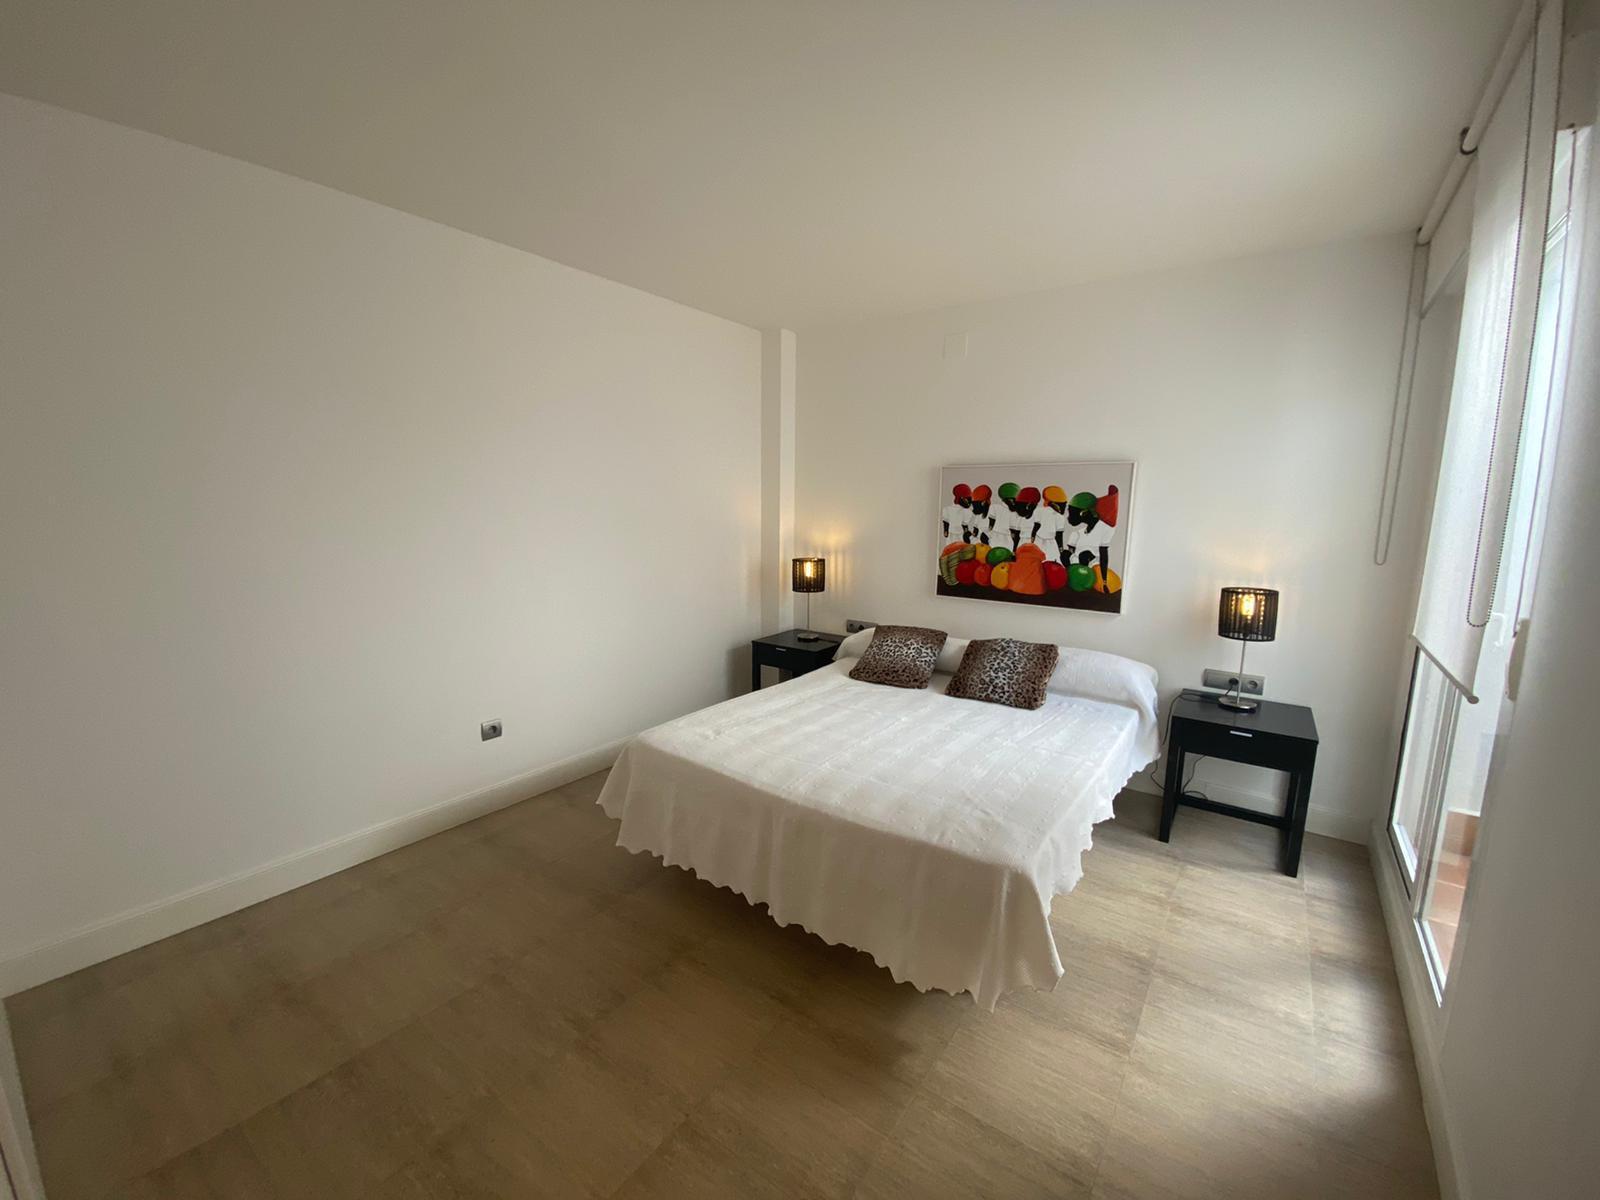 Imagen 7 del Apartamento Turístico, Ático 6 Central (3d+2b), Punta del Moral (HUELVA), Paseo de la Cruz nº22